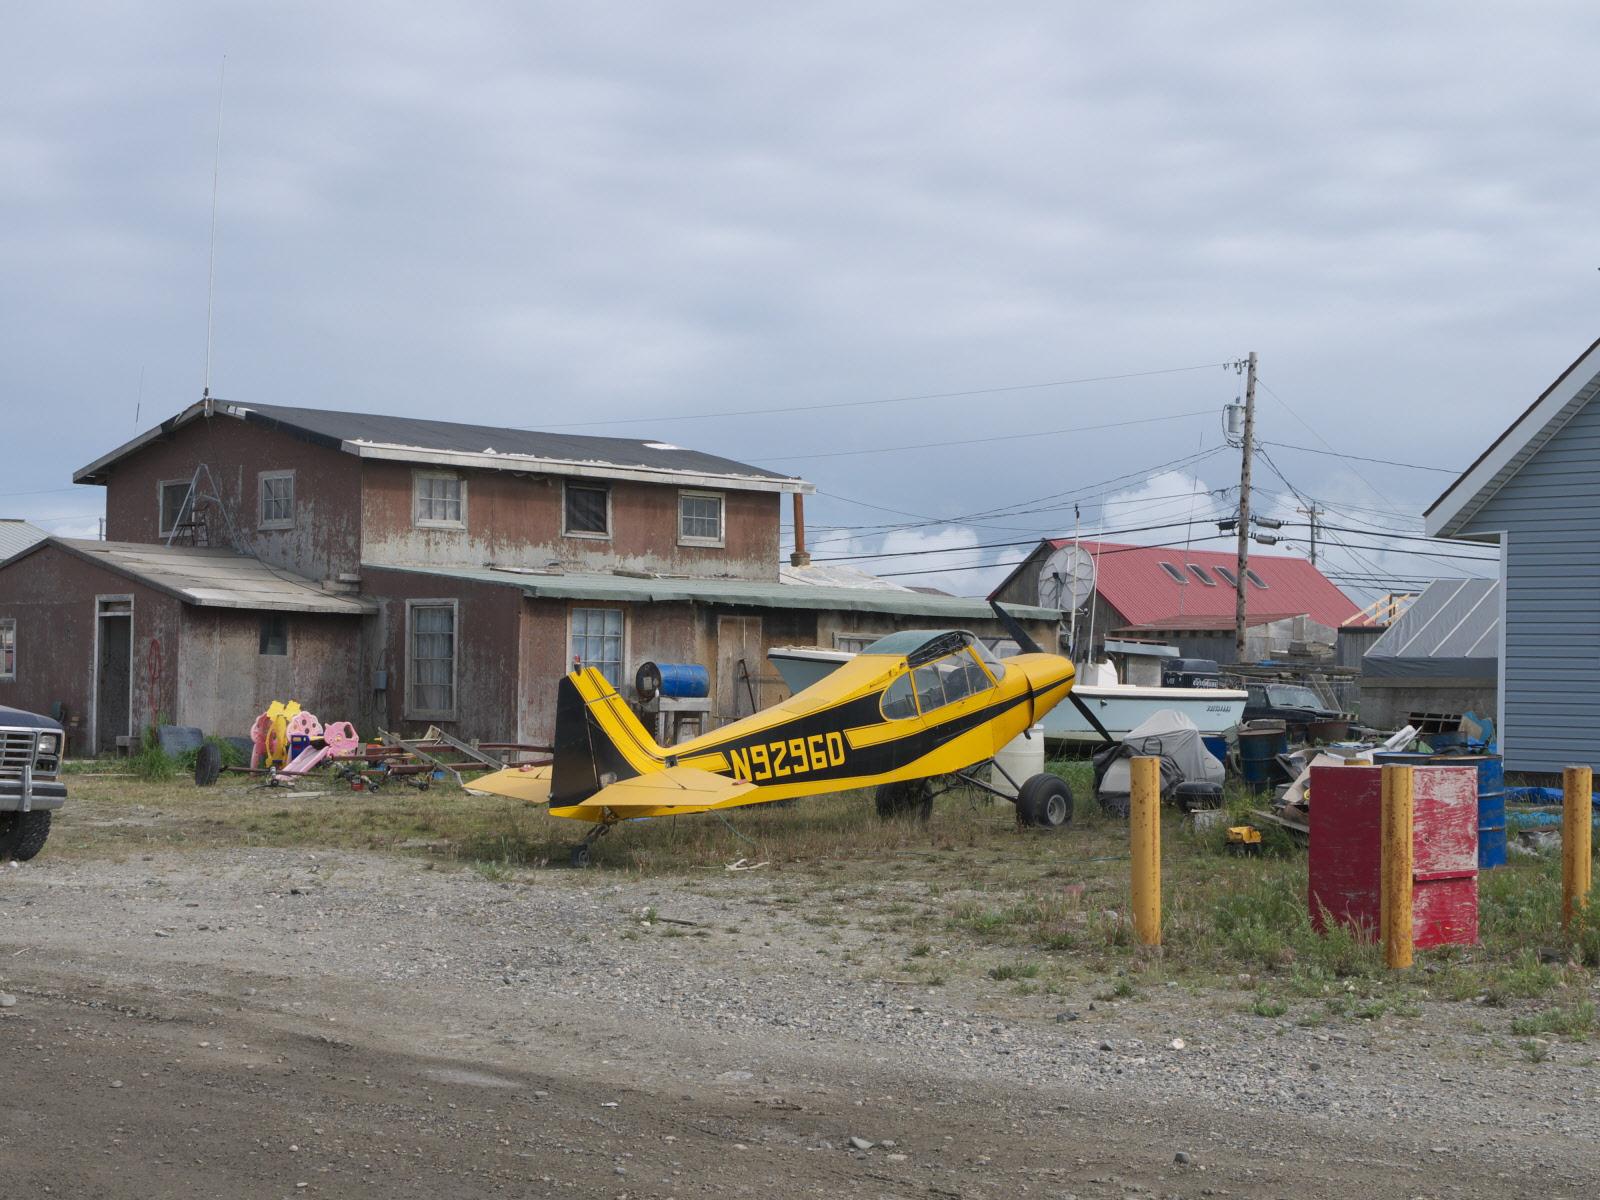 Kotzebue Alaska